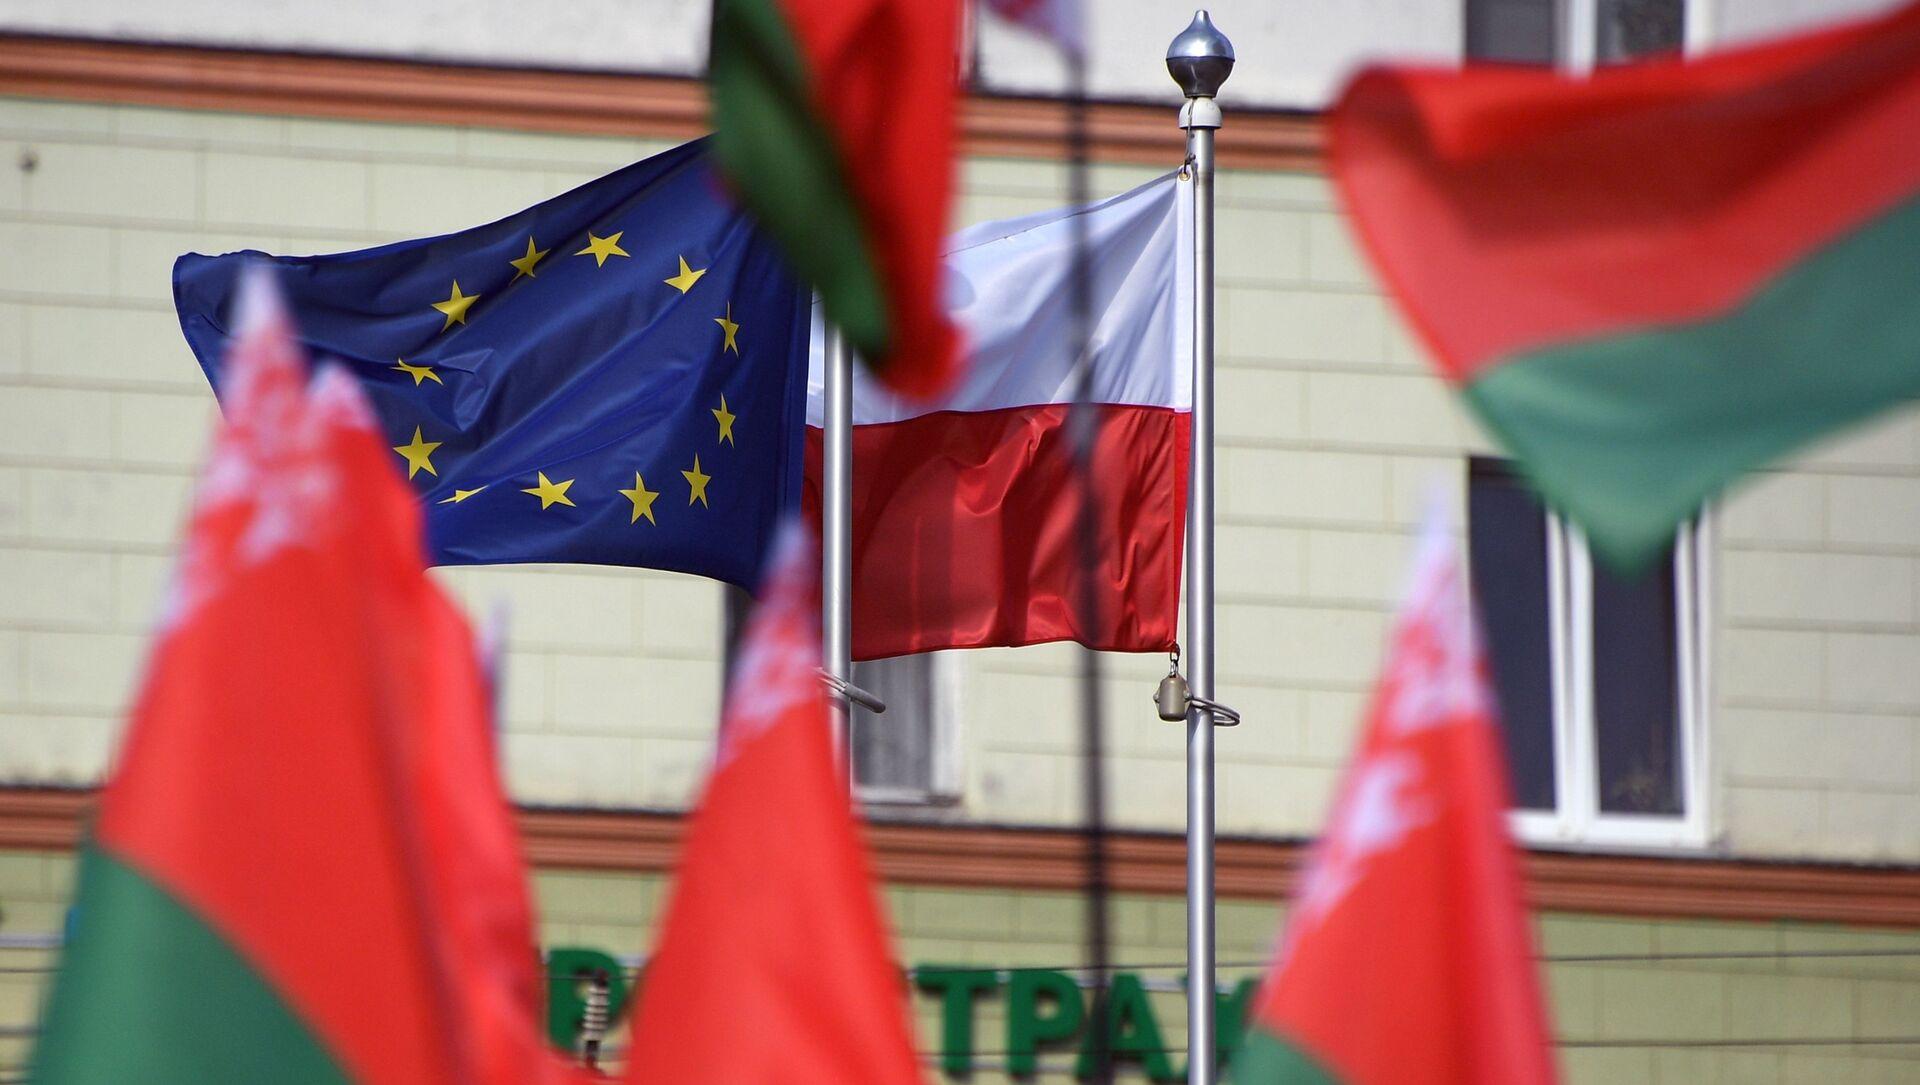 Flagi Białorusi, Polski i UE przed Ambasadą RP w Mińsku. - Sputnik Polska, 1920, 02.04.2021